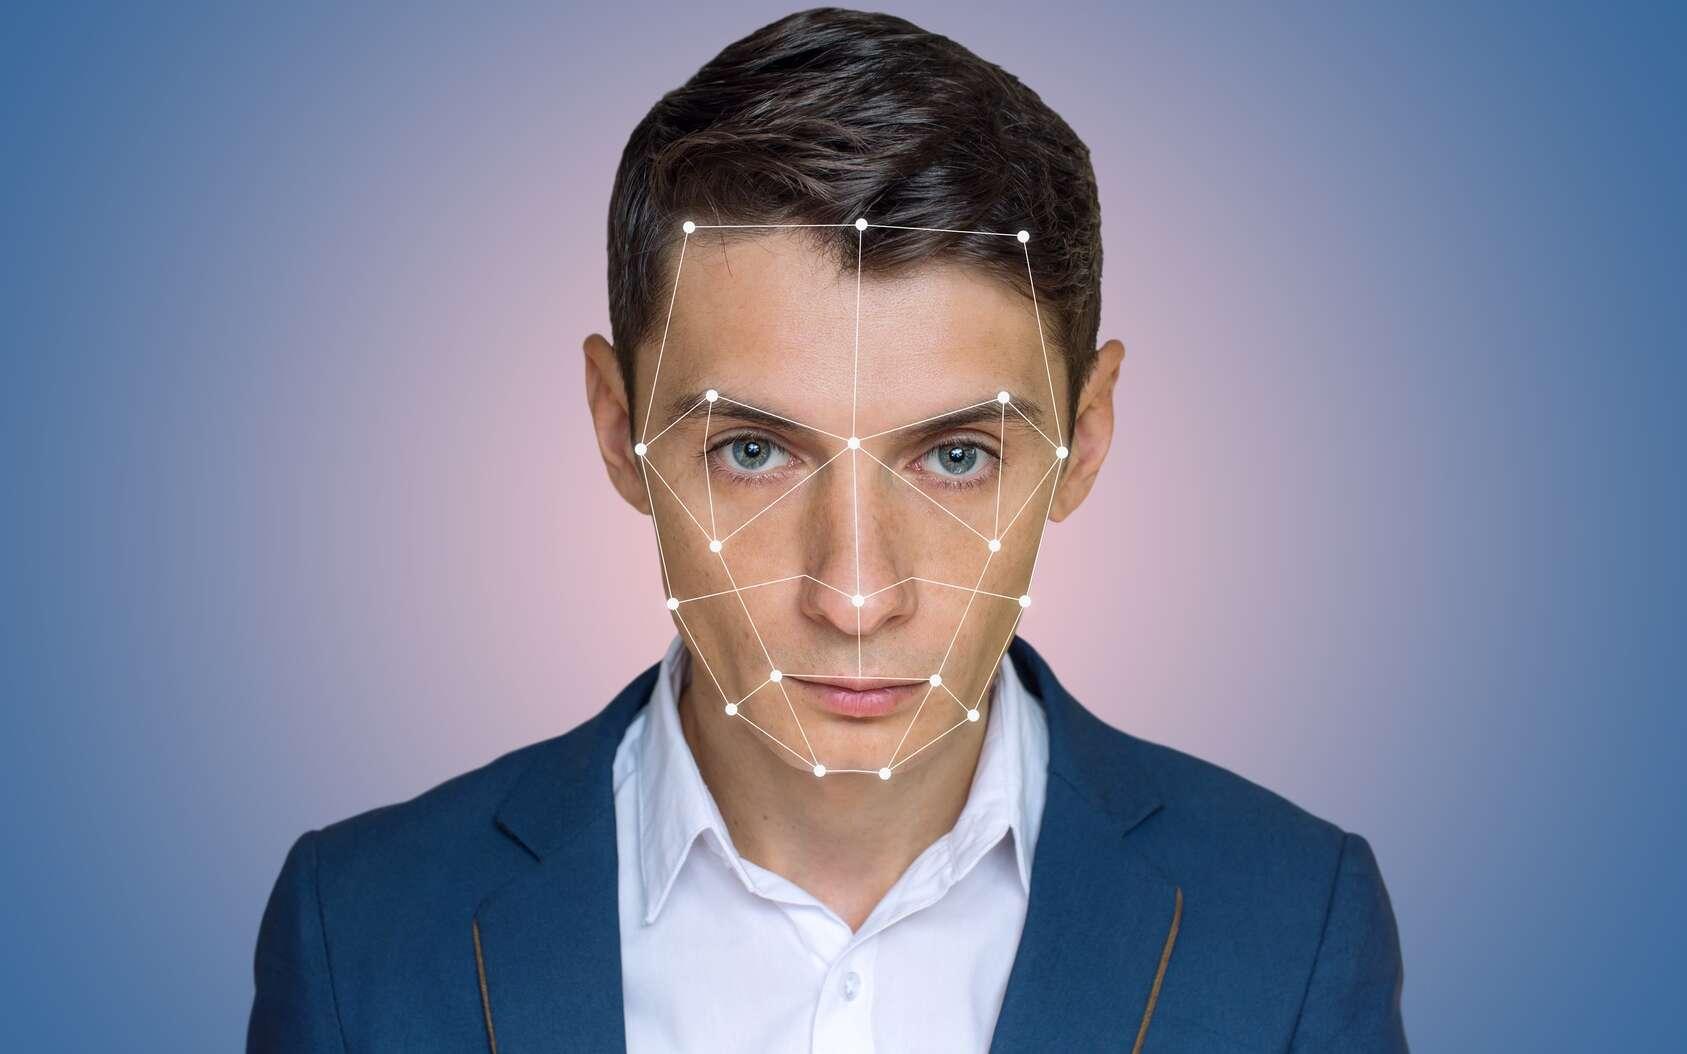 La prosopagnosie est un déficit de la reconnaissance des visages. © Artem, Fotolia